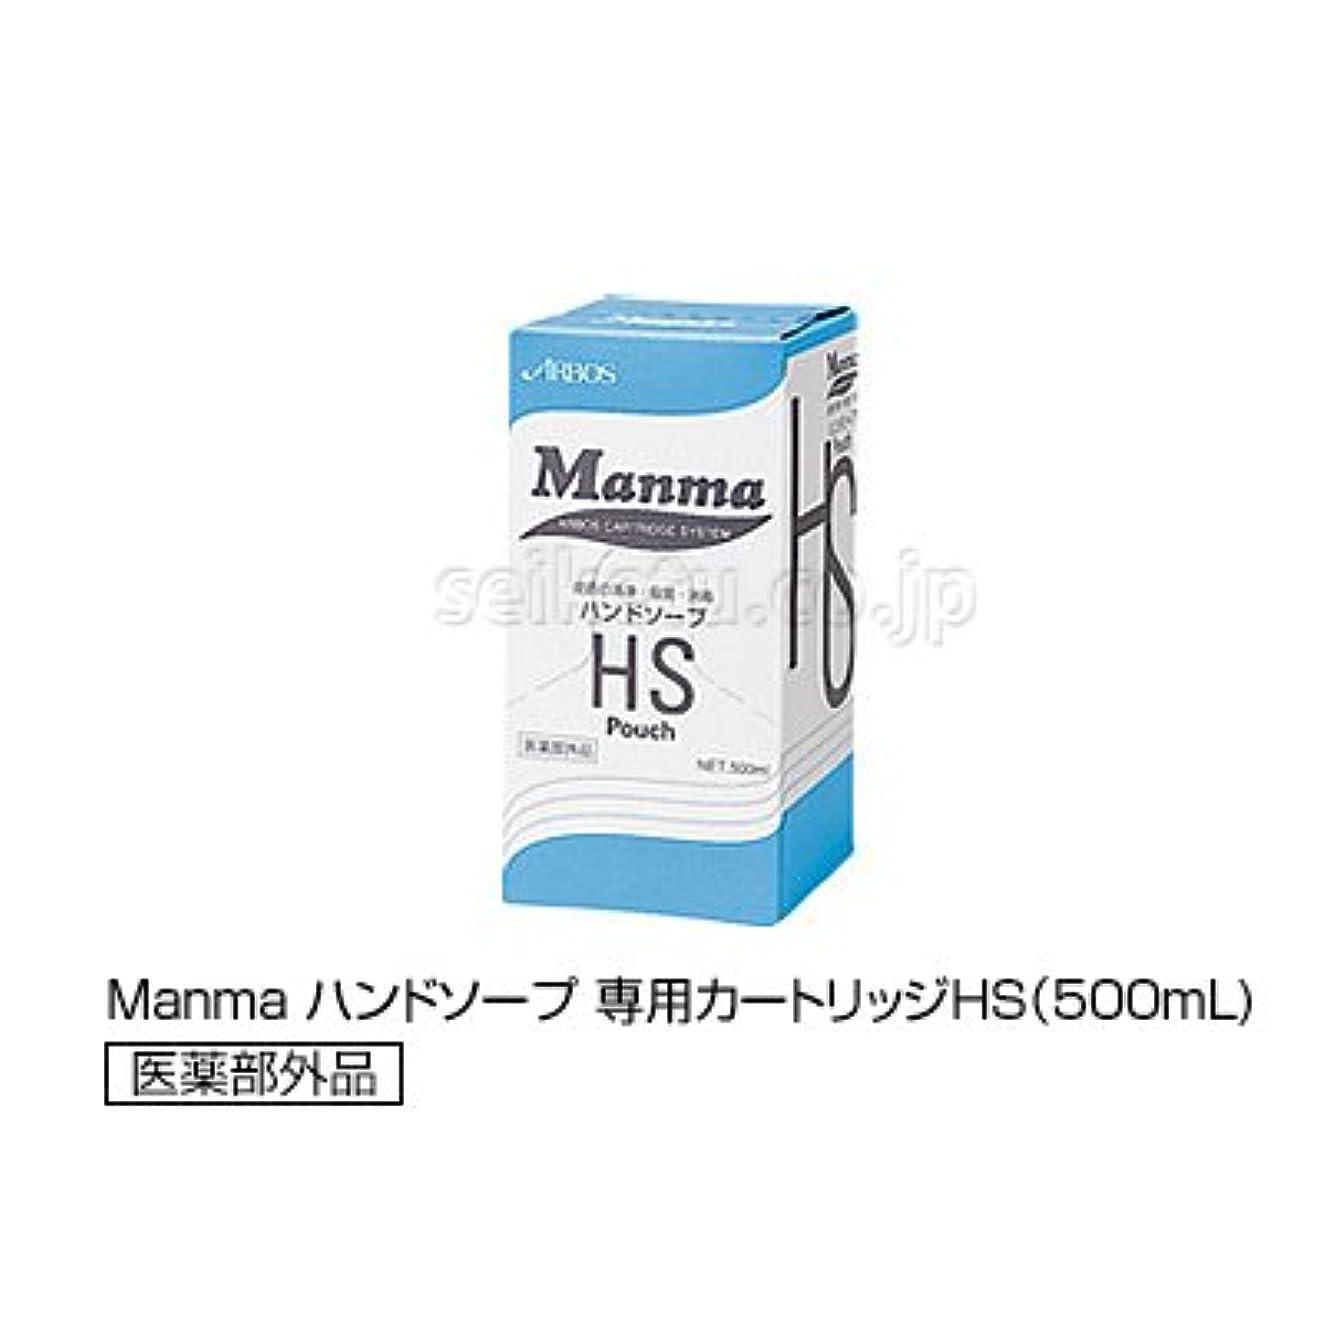 理容室反応する契約するManma ハンドソープ 専用カートリッジ/専用カートリッジHS(500mL)【清潔キレイ館】